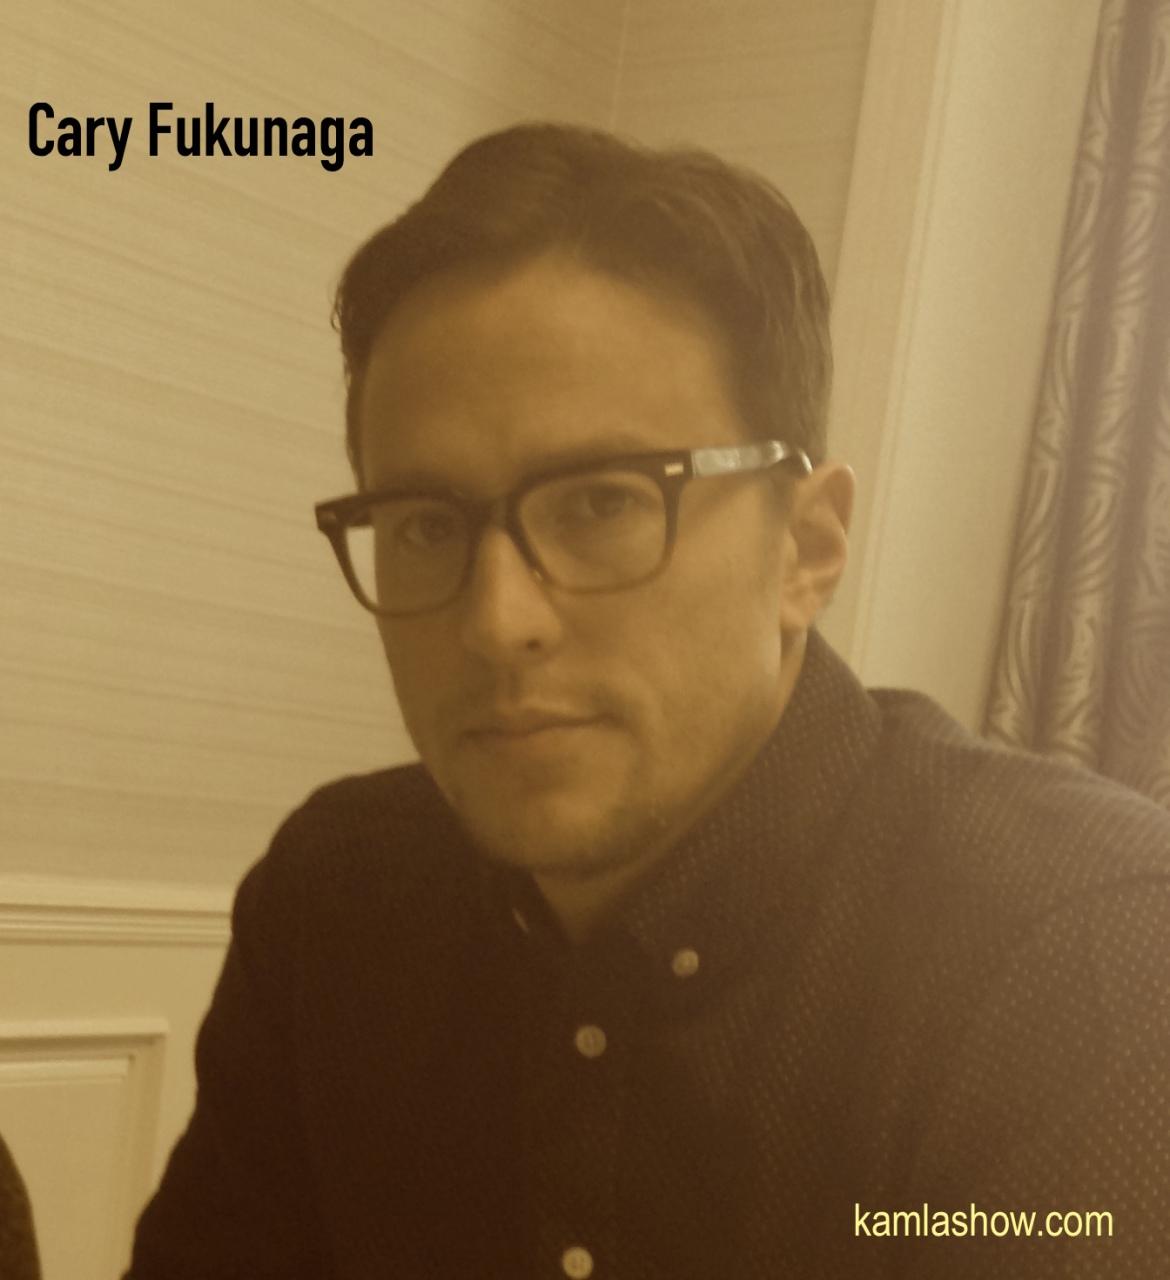 Cary Fukunaga